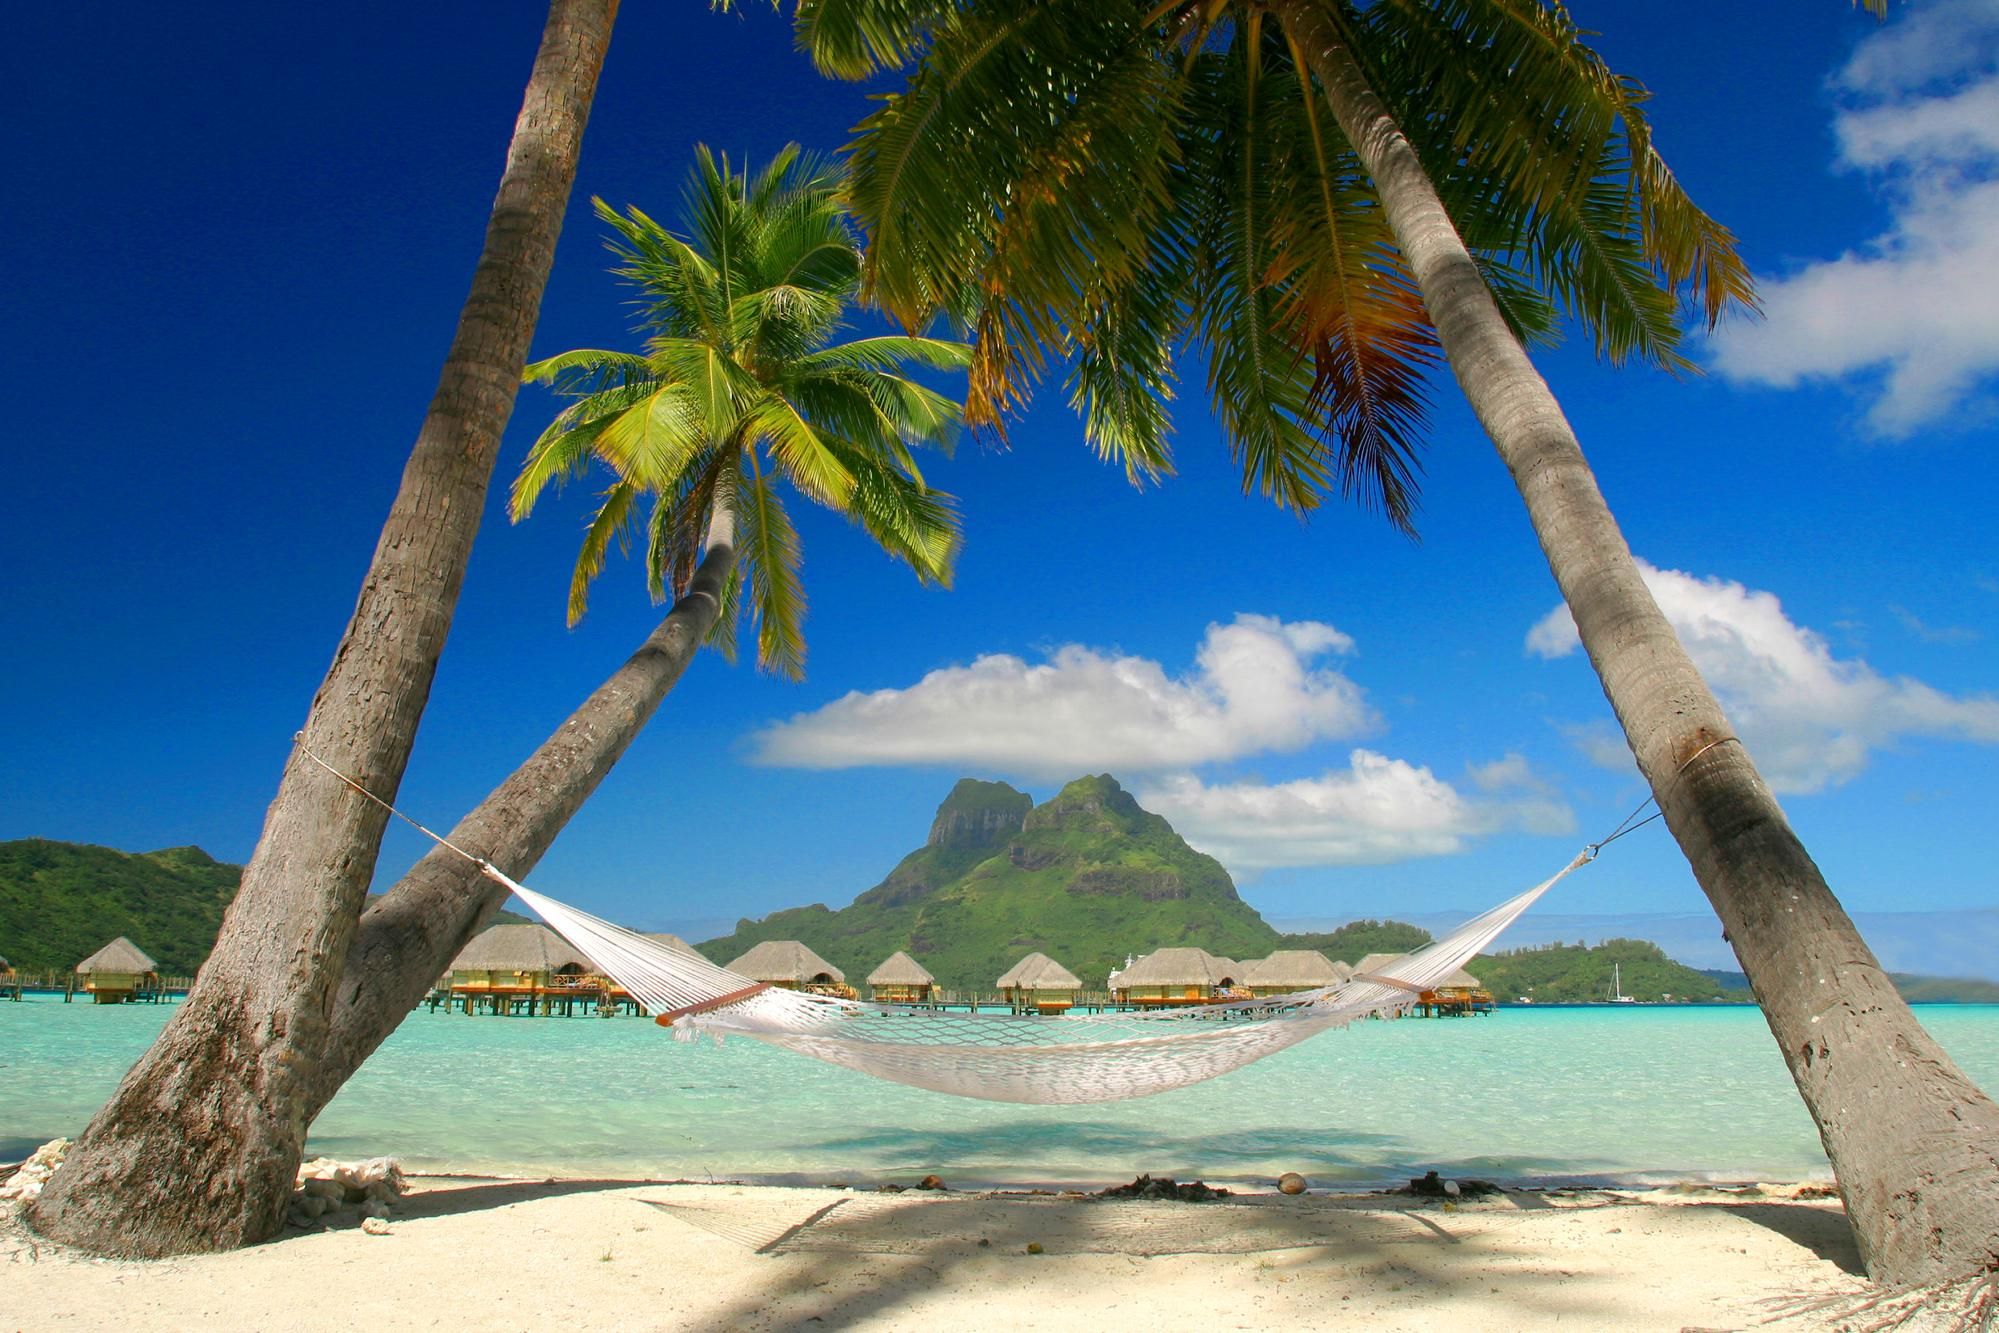 http://mygazeta.com/i/2011/03/tropical_sleepaway__bora_bora__french_polynesia_zt2z.jpg